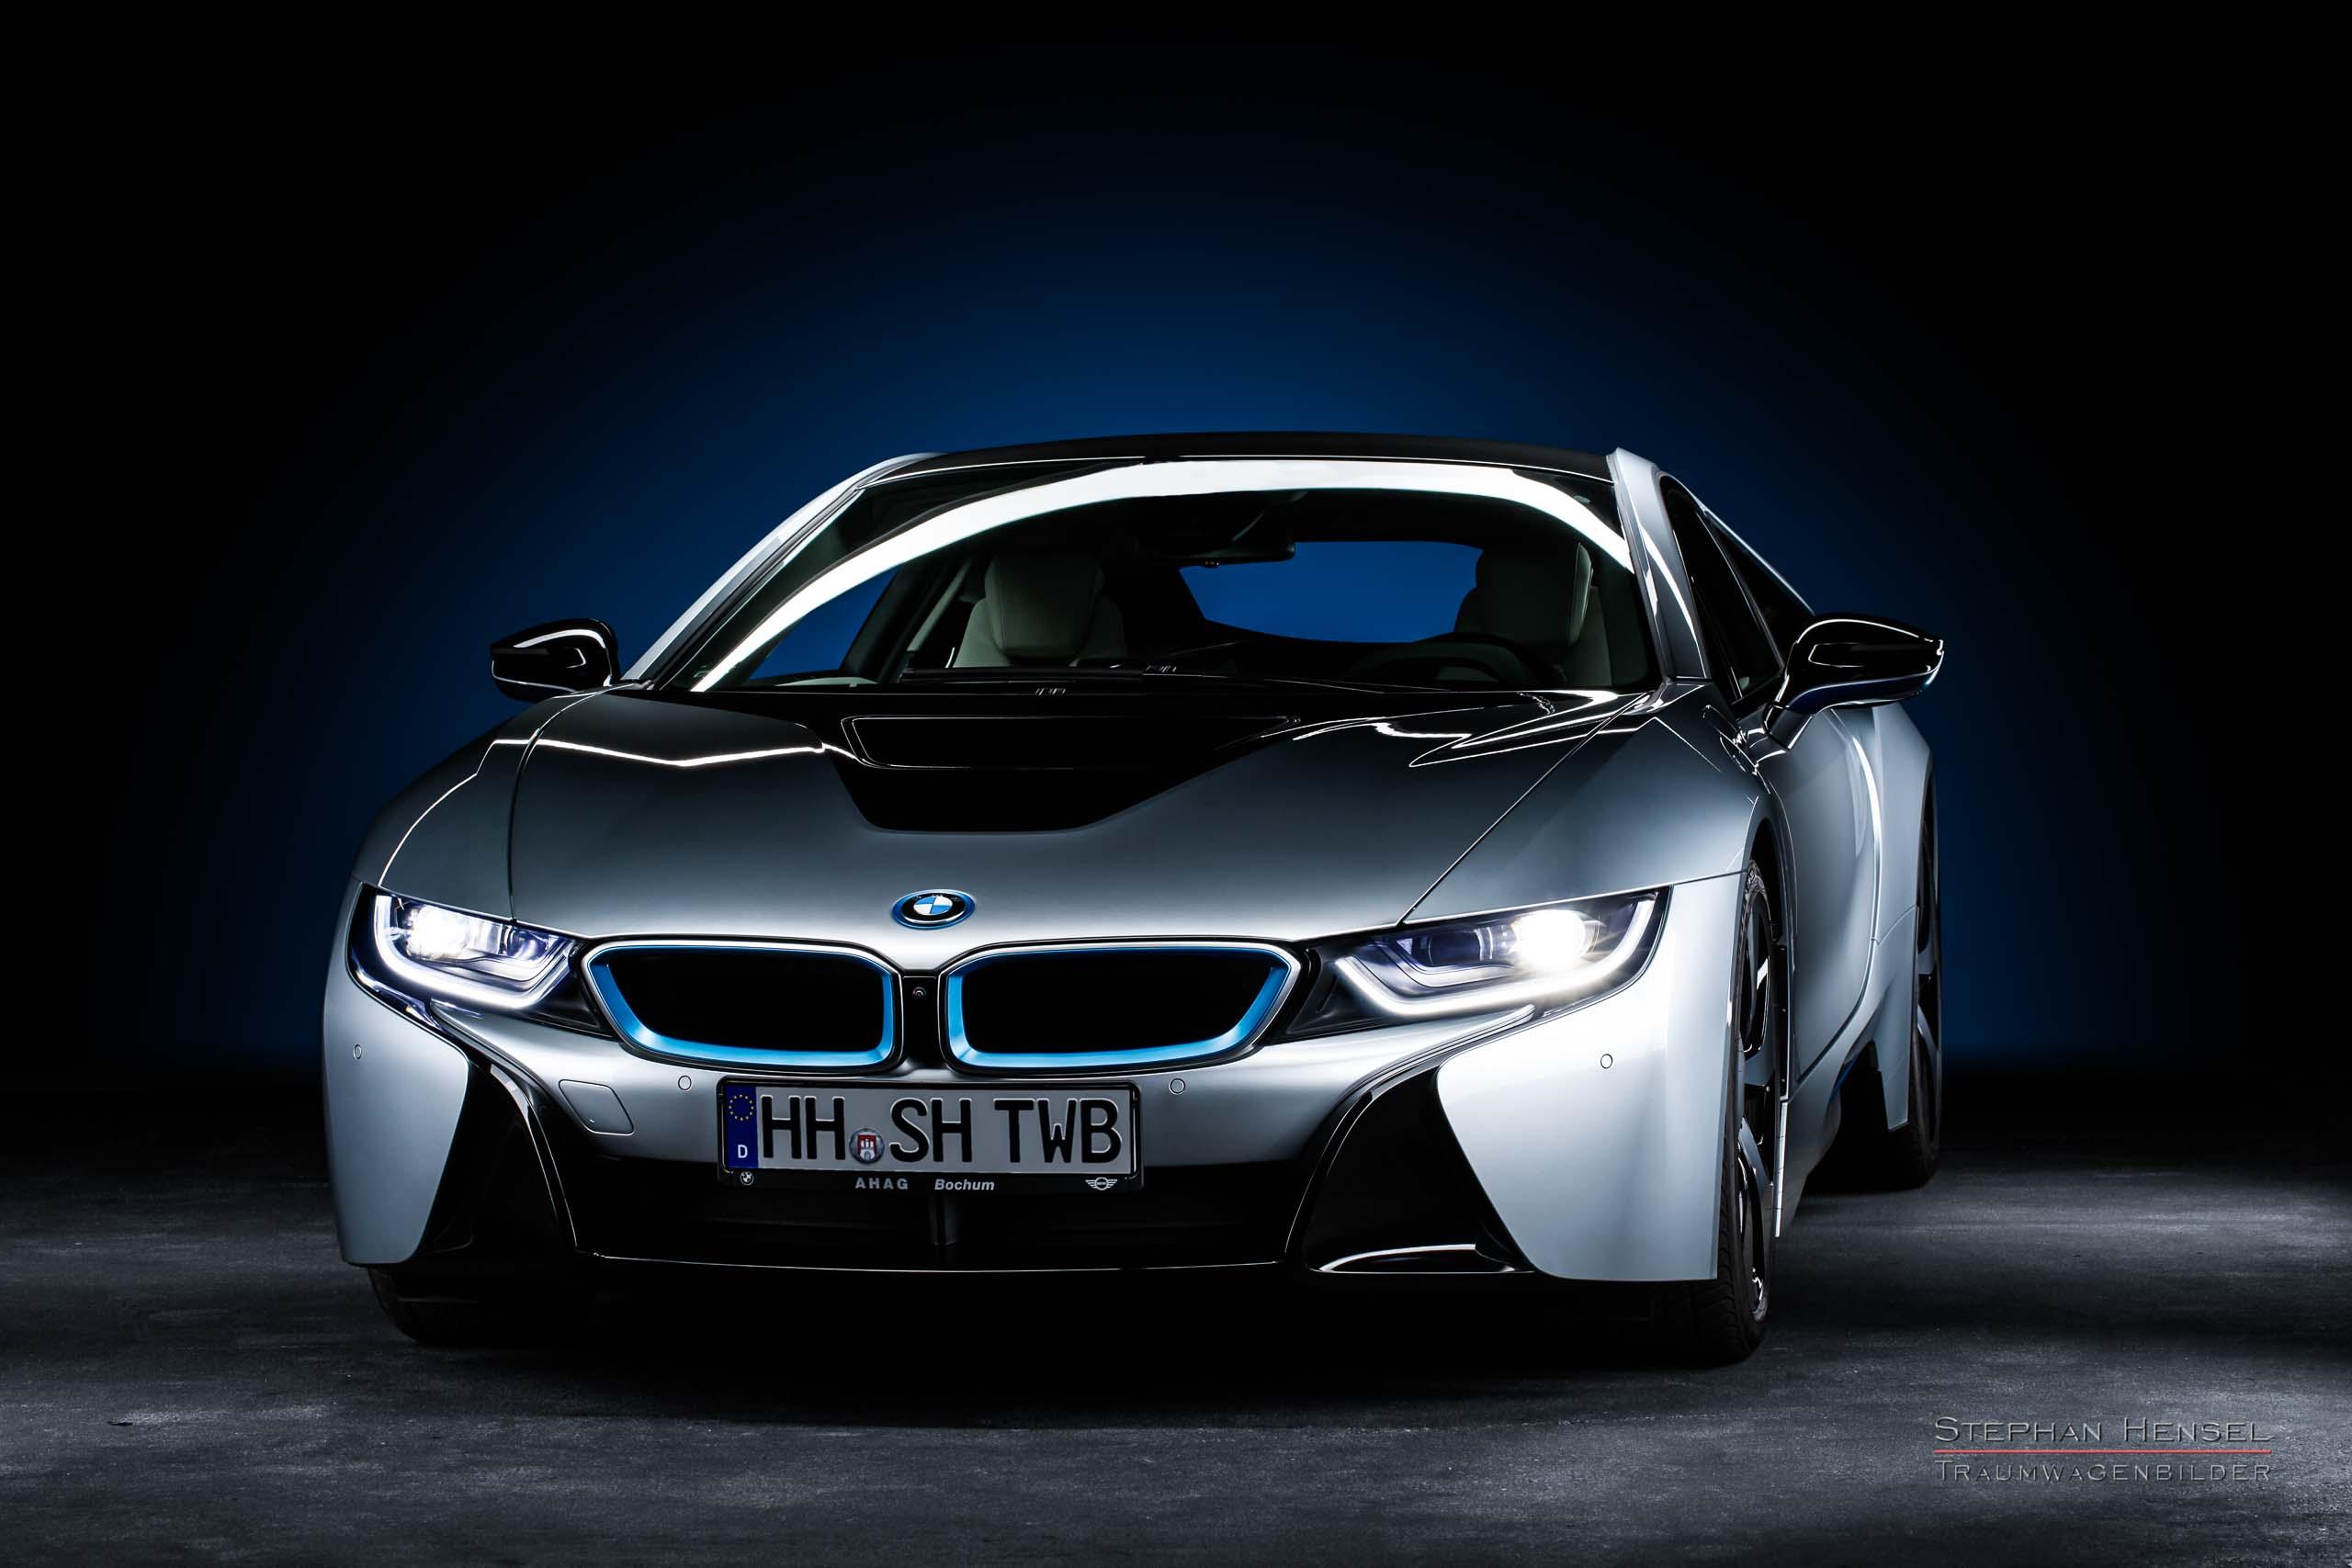 BMW i8 im Studio, Ansicht von links vorn, Autofotograf: Stephan Hensel, Hamburg